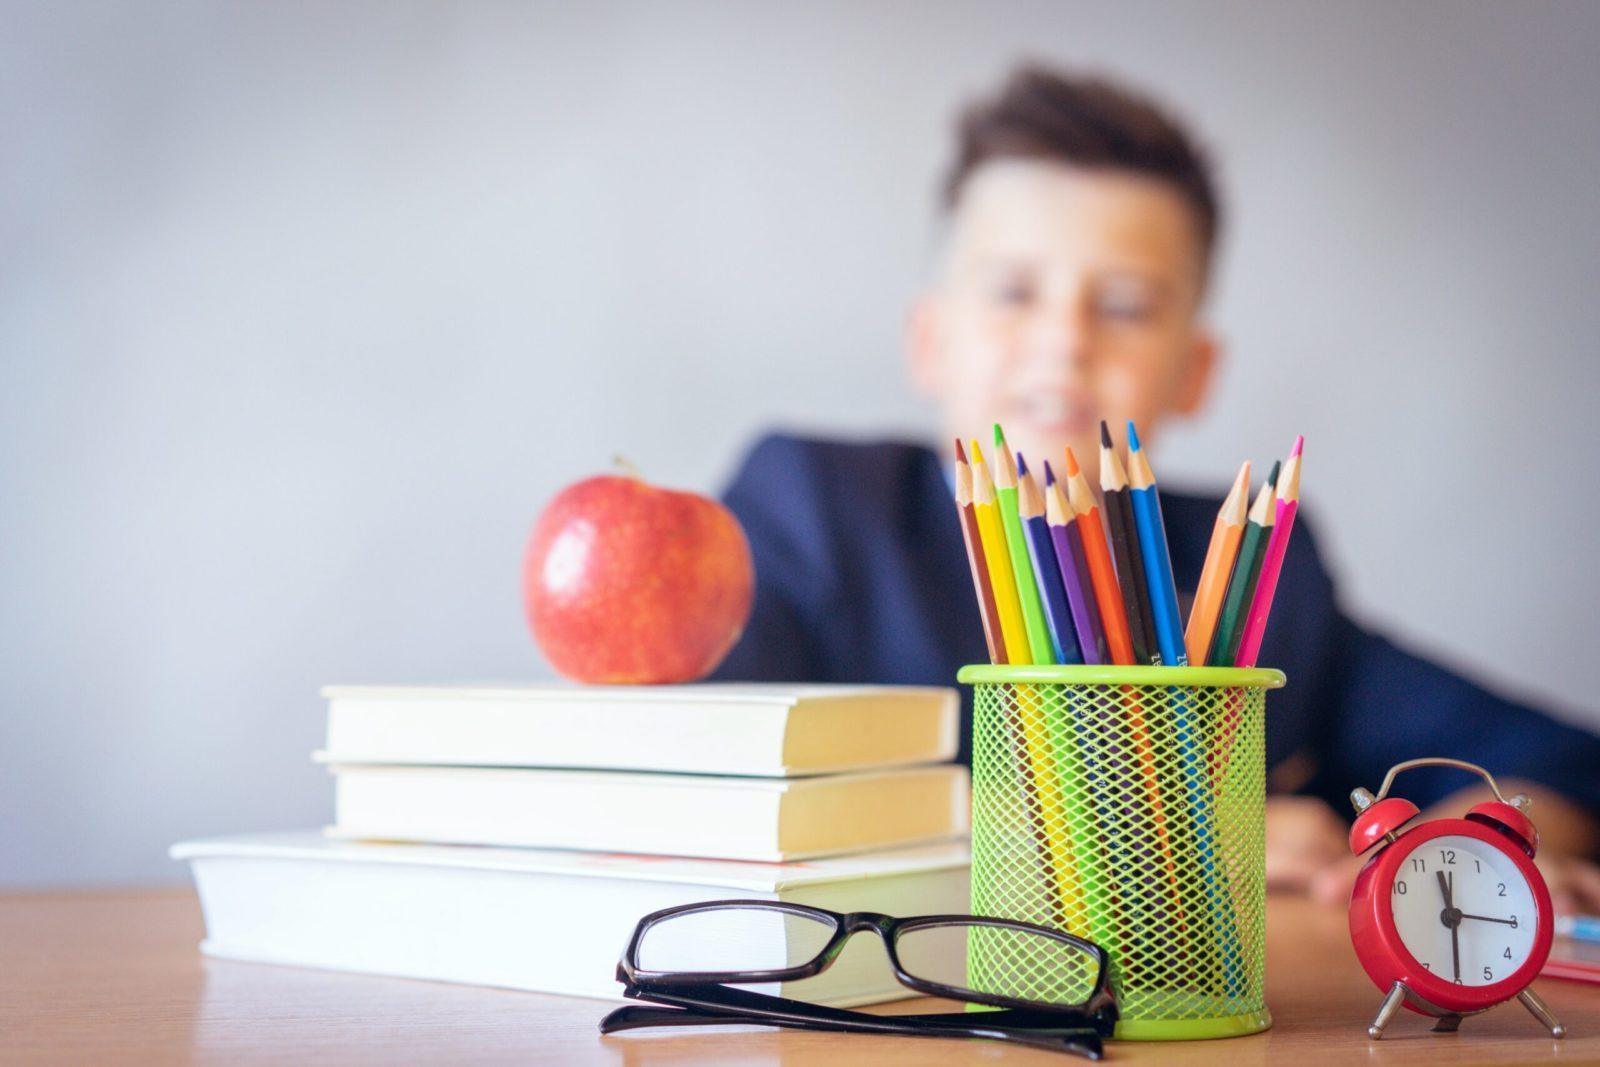 Организация деятельности образовательной организации по формированию культуры здоровья обучающихся